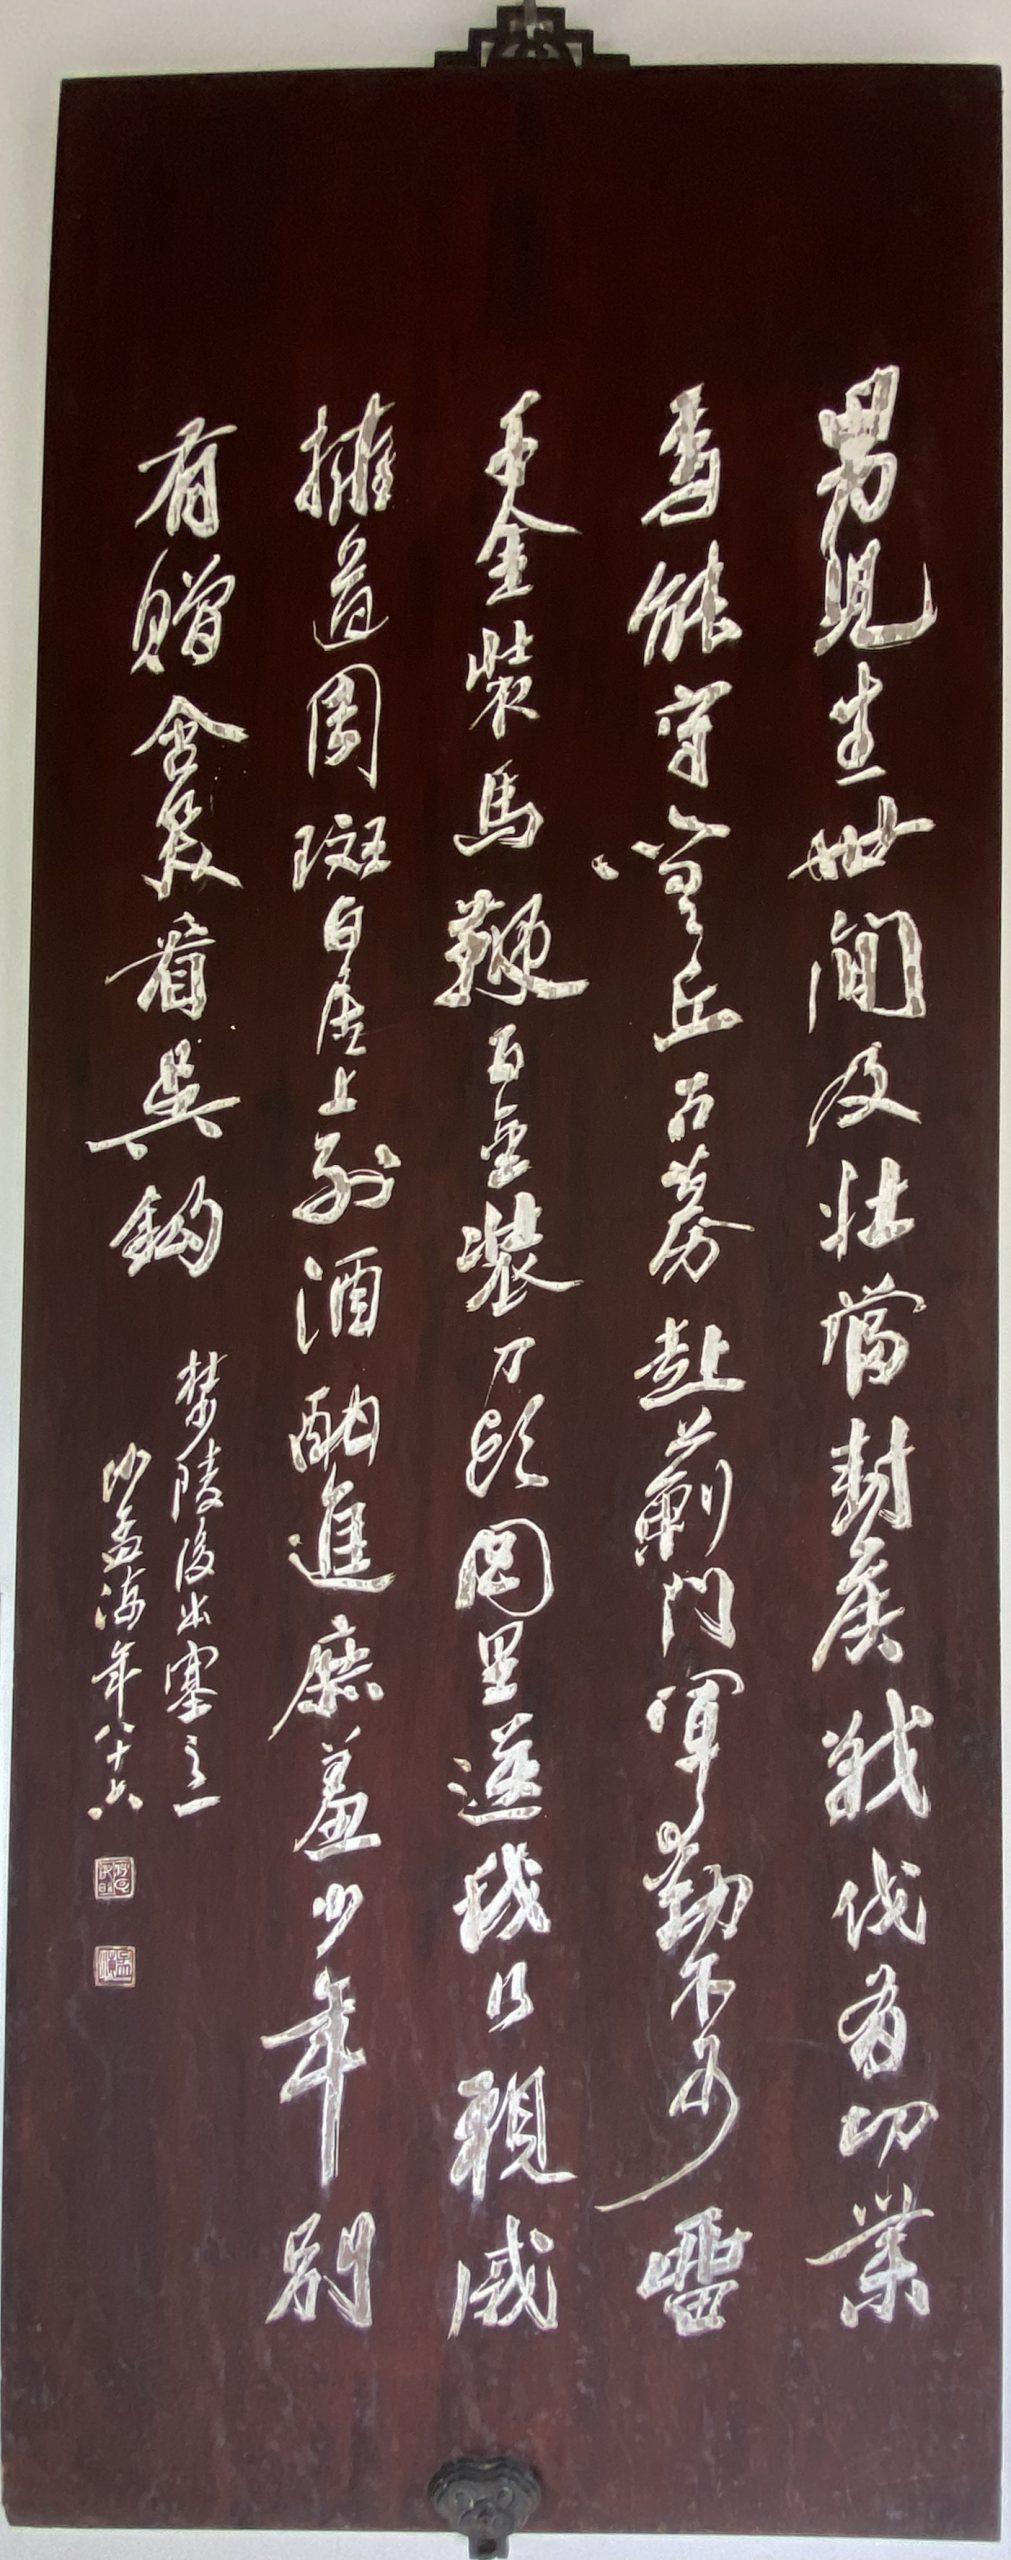 後出塞五首(其一)-唐時代・杜甫-杜詩書法木刻廊-浣花溪公園-成都杜甫草堂博物館-書:沙孟海